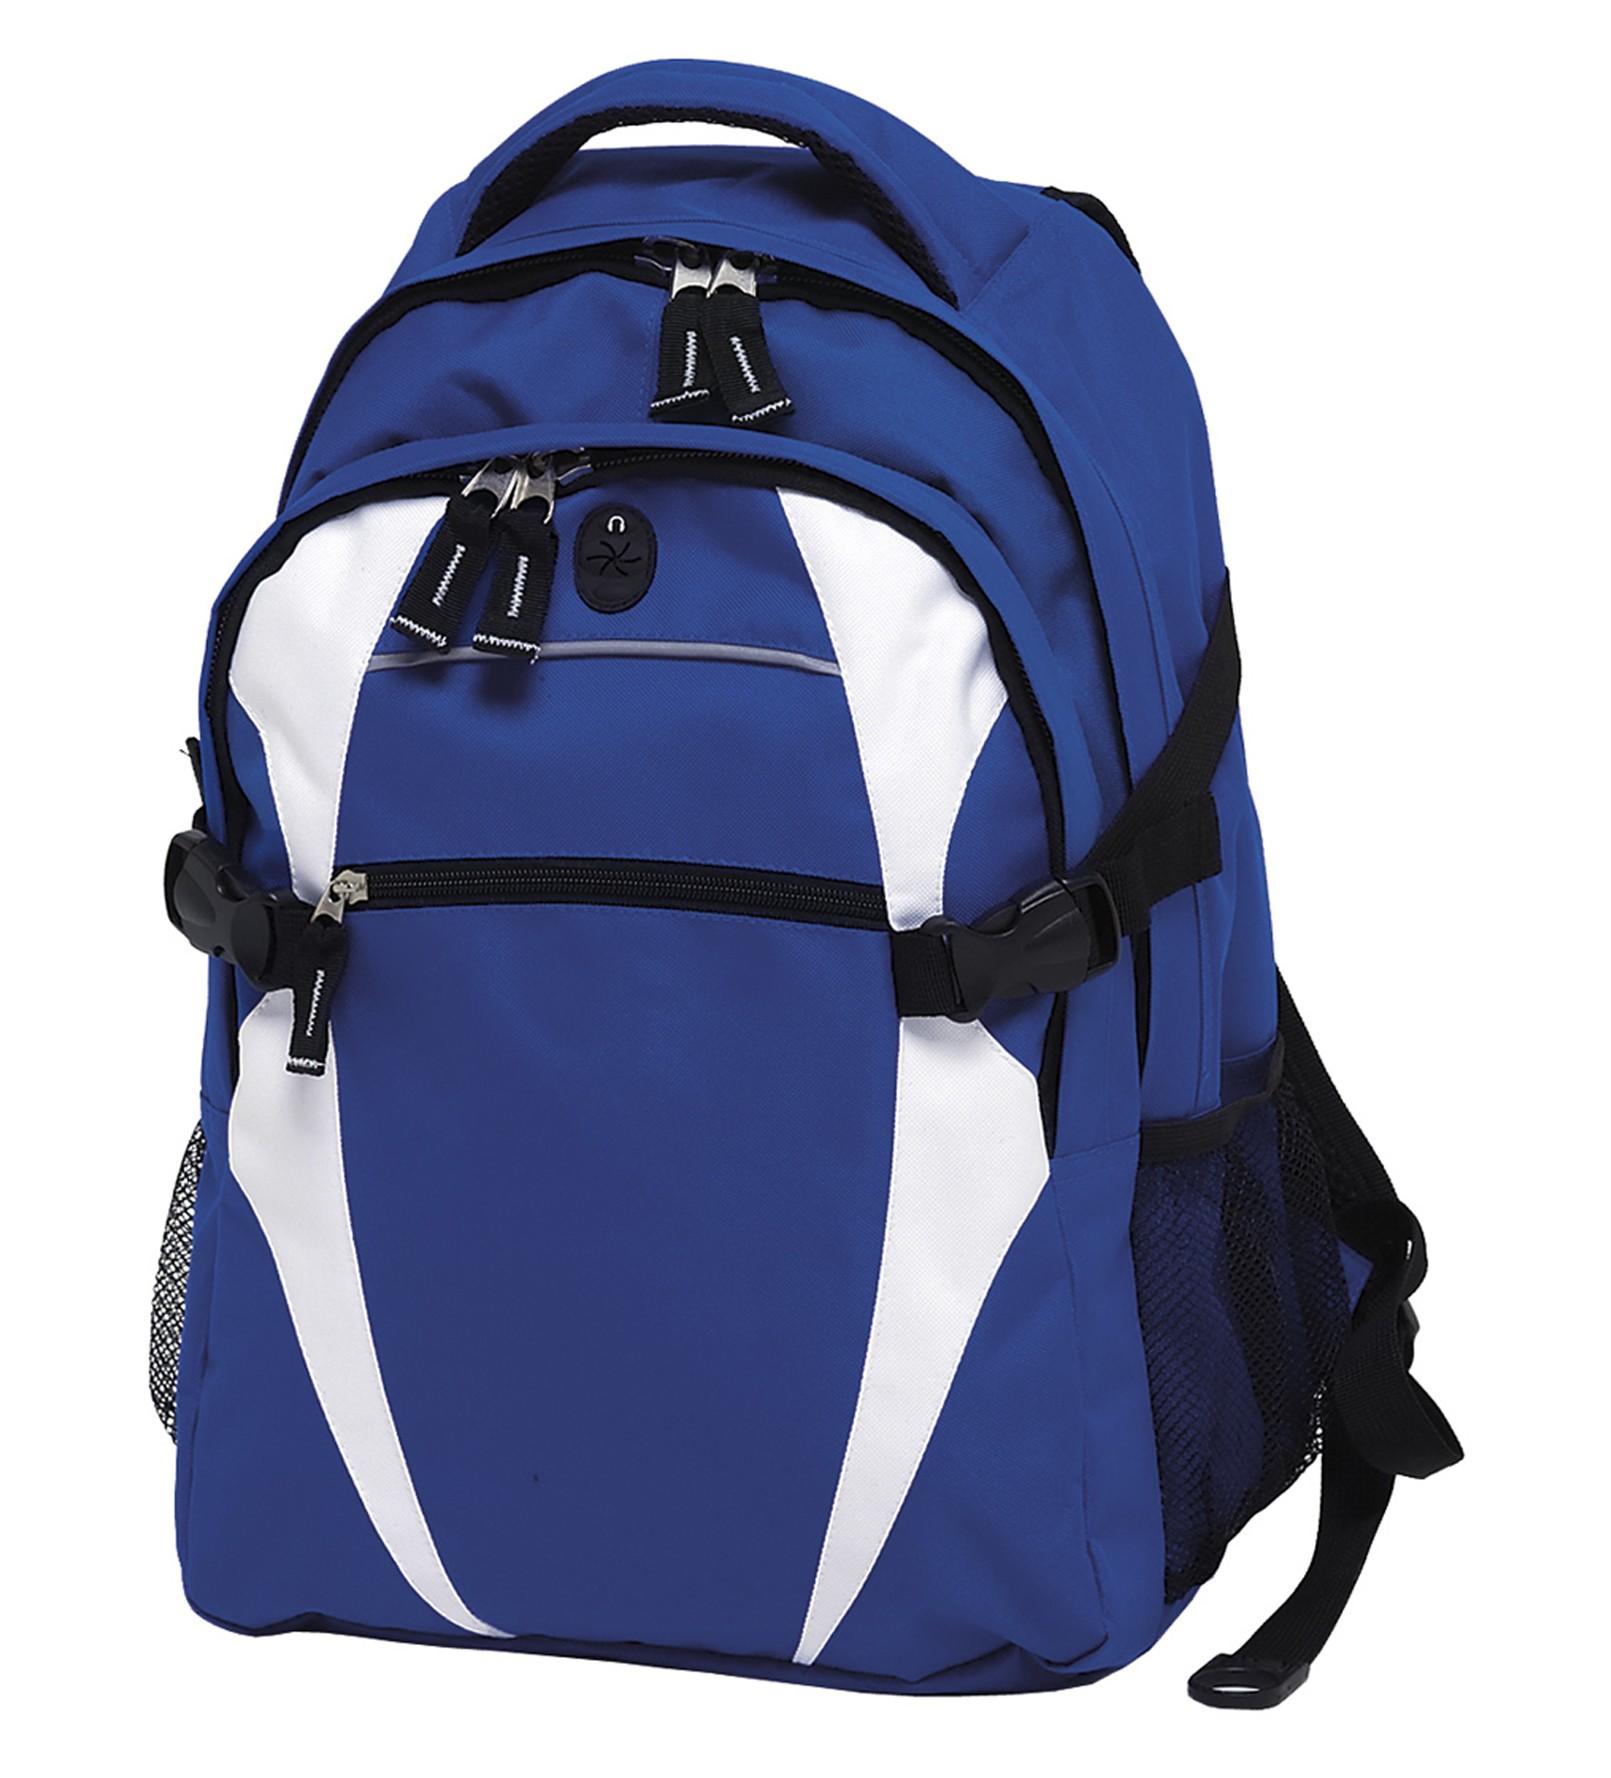 Spliced Zenith Backpack - Royal & White